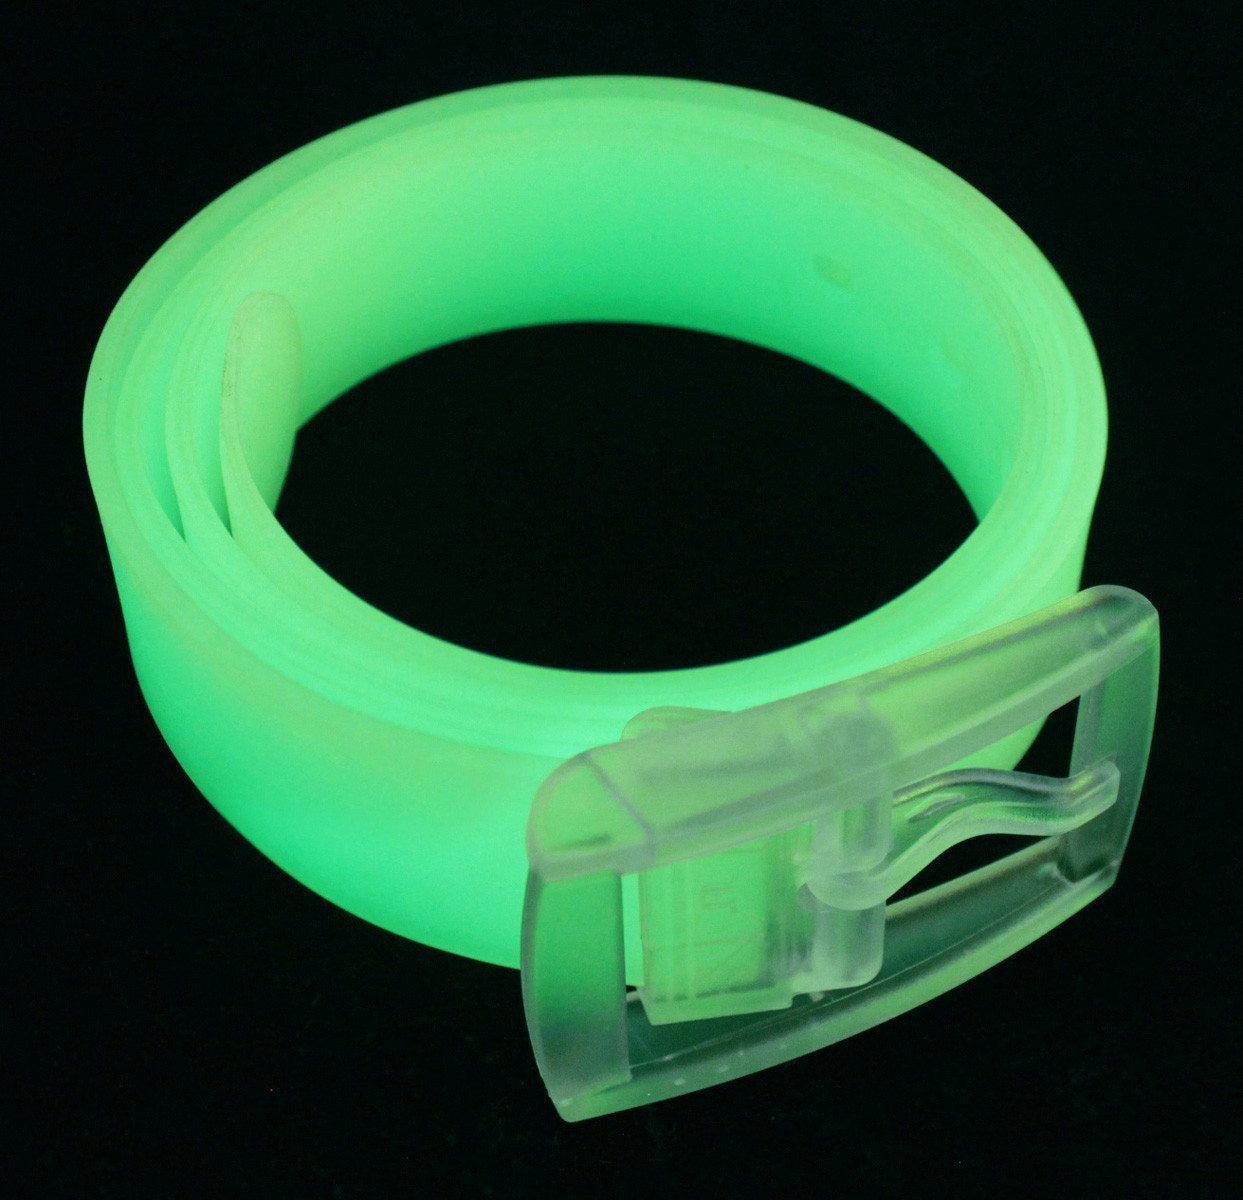 GlowBelt – El cinturón fluorescente para fiestas a toda luz